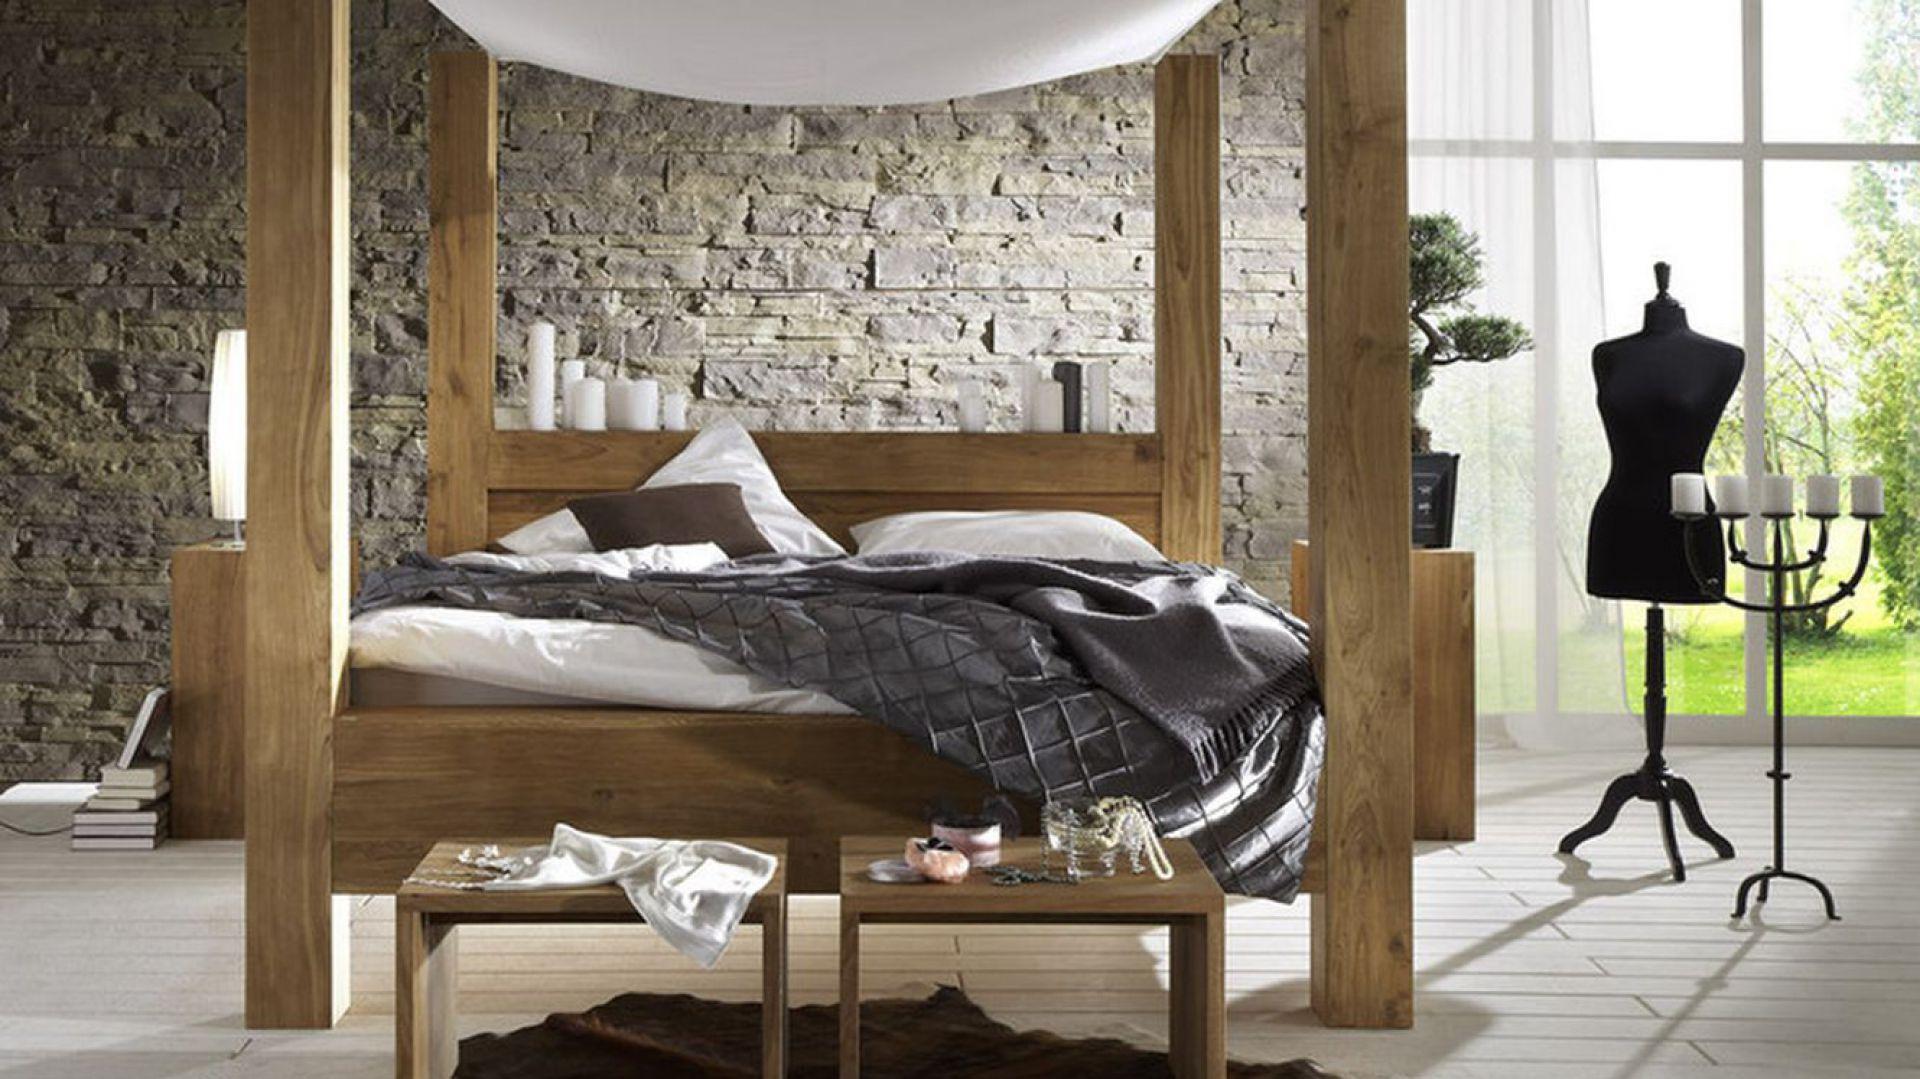 Dębowe łóżko z baldachimem Balodar. Cena od 8.000 zł.Fot. D&E furniture - Italia/ Seart.pl.